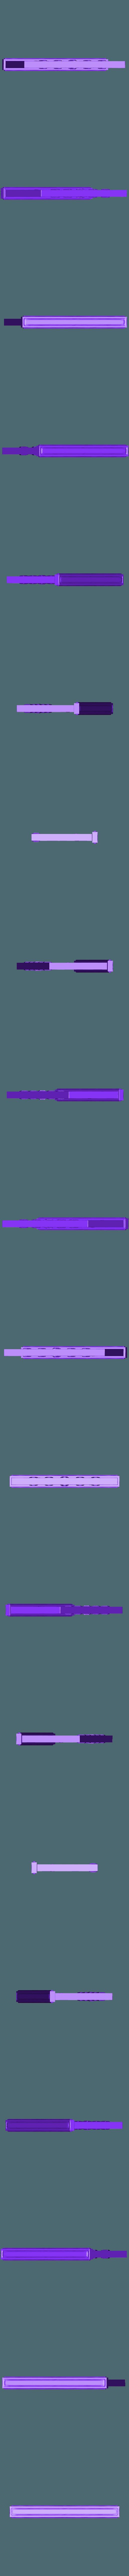 Door.stl Télécharger fichier STL Modular Space Tiles (kit de base pour votre table) [Kickstarterproject] • Modèle imprimable en 3D, Nemoriko